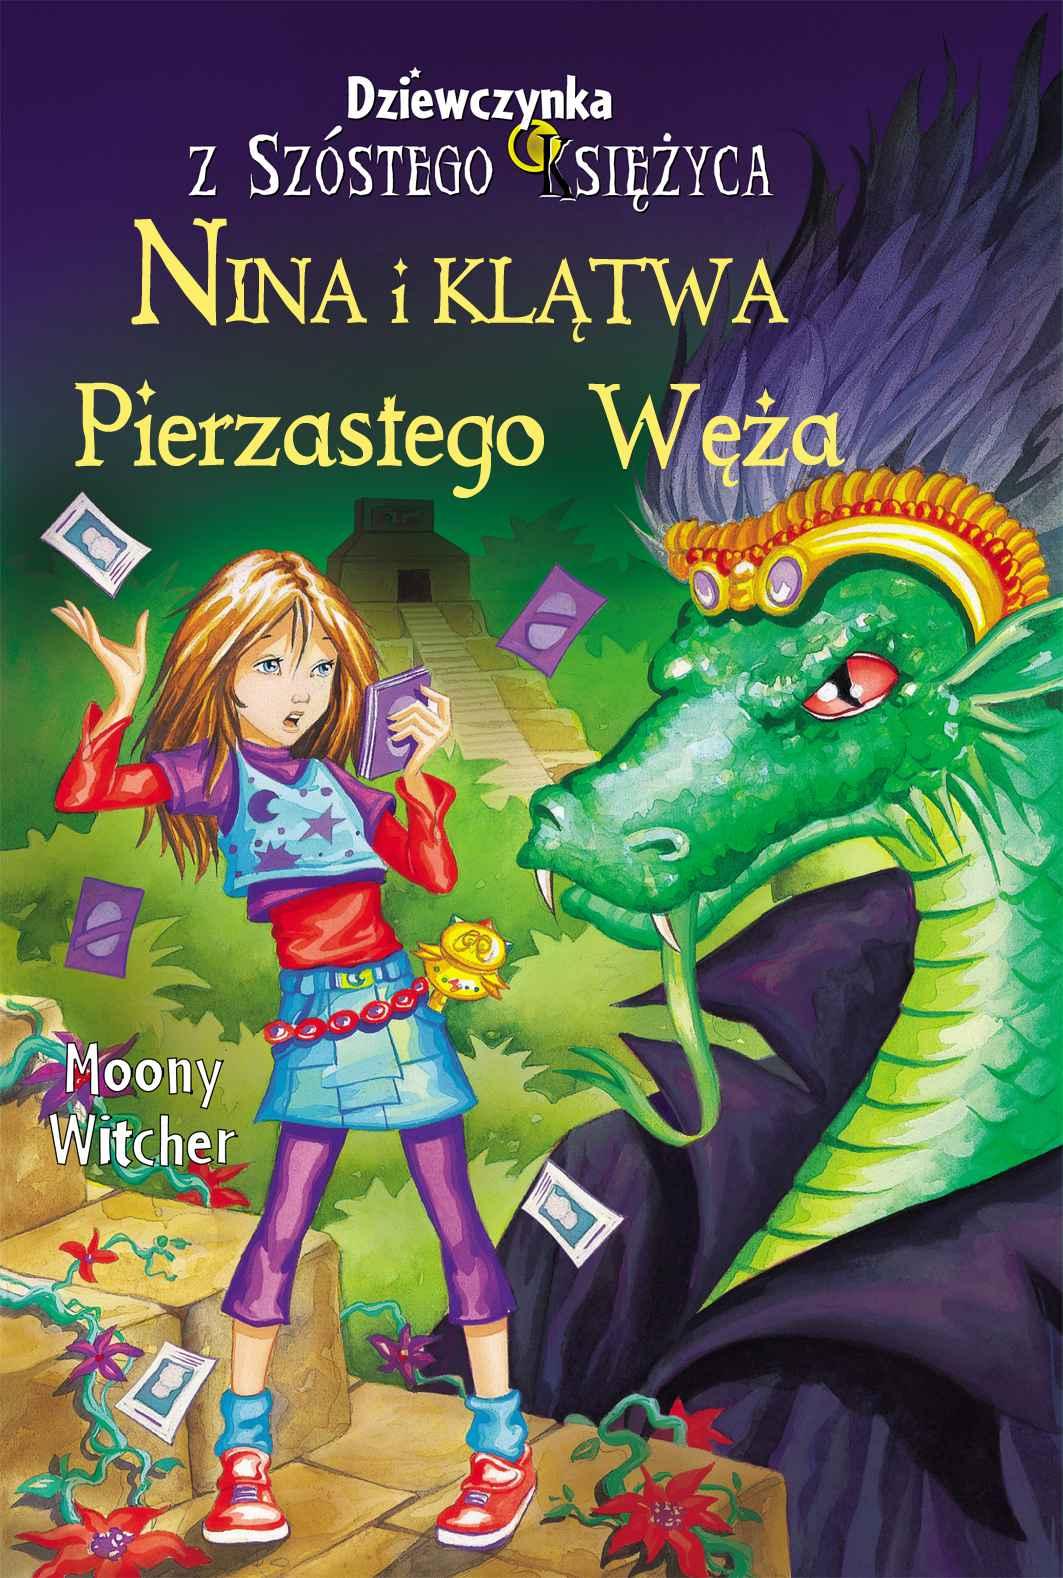 Nina i klątwa Pierzastego Węża - Ebook (Książka na Kindle) do pobrania w formacie MOBI